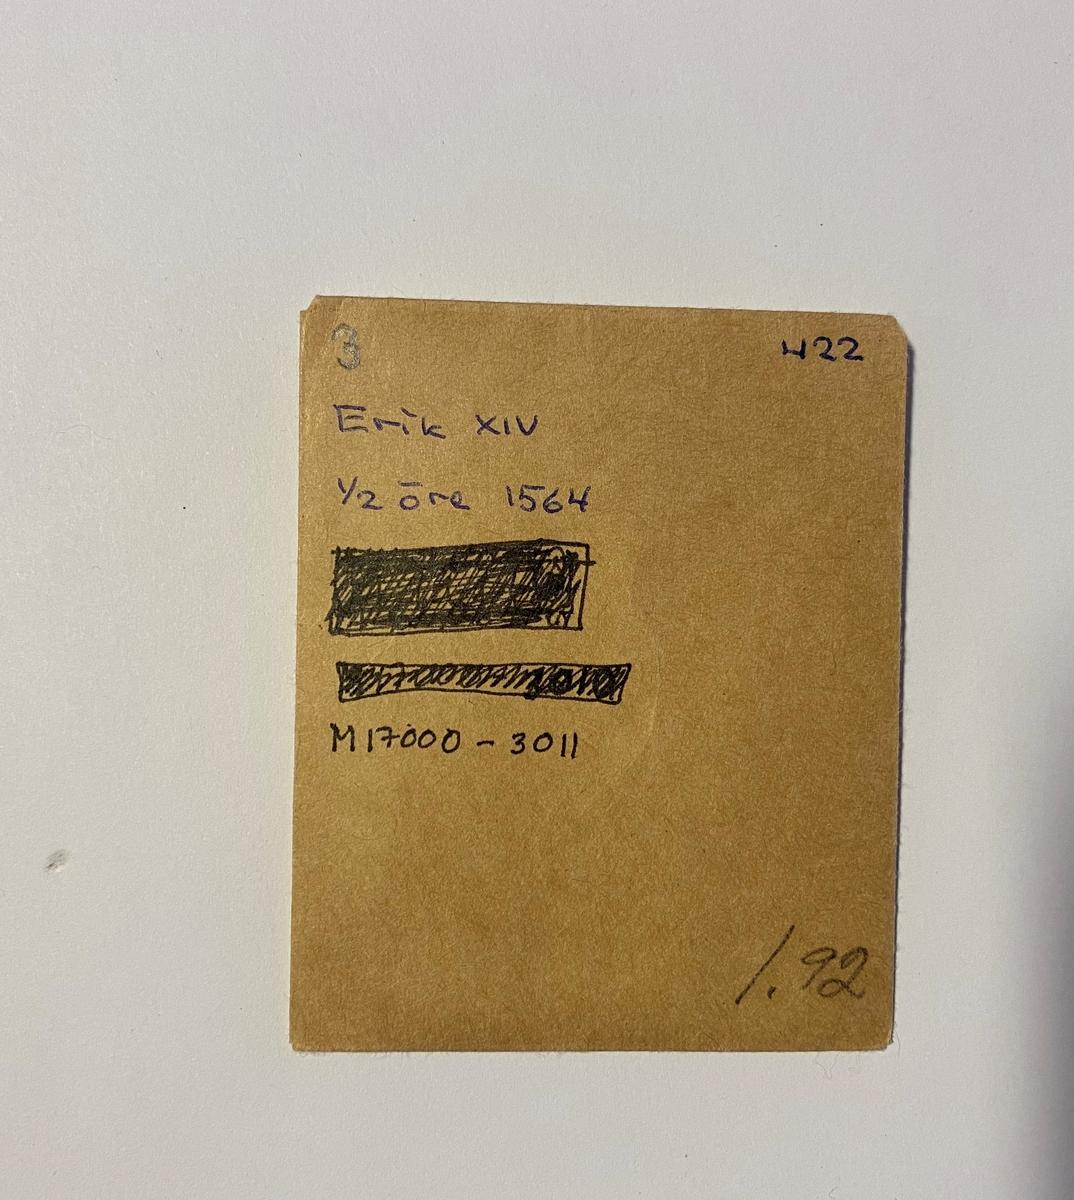 Ett halvt öre. Erik XIV, år 1564. Billon, dvs silverhalten mindre än 50%. Åtsida: Eriks krönta monogram samt ERICVS.14.D.G.REX.SVECIE. Frånsidan: Vasavapnet samt MONE.NOVA.STOKHOLM.